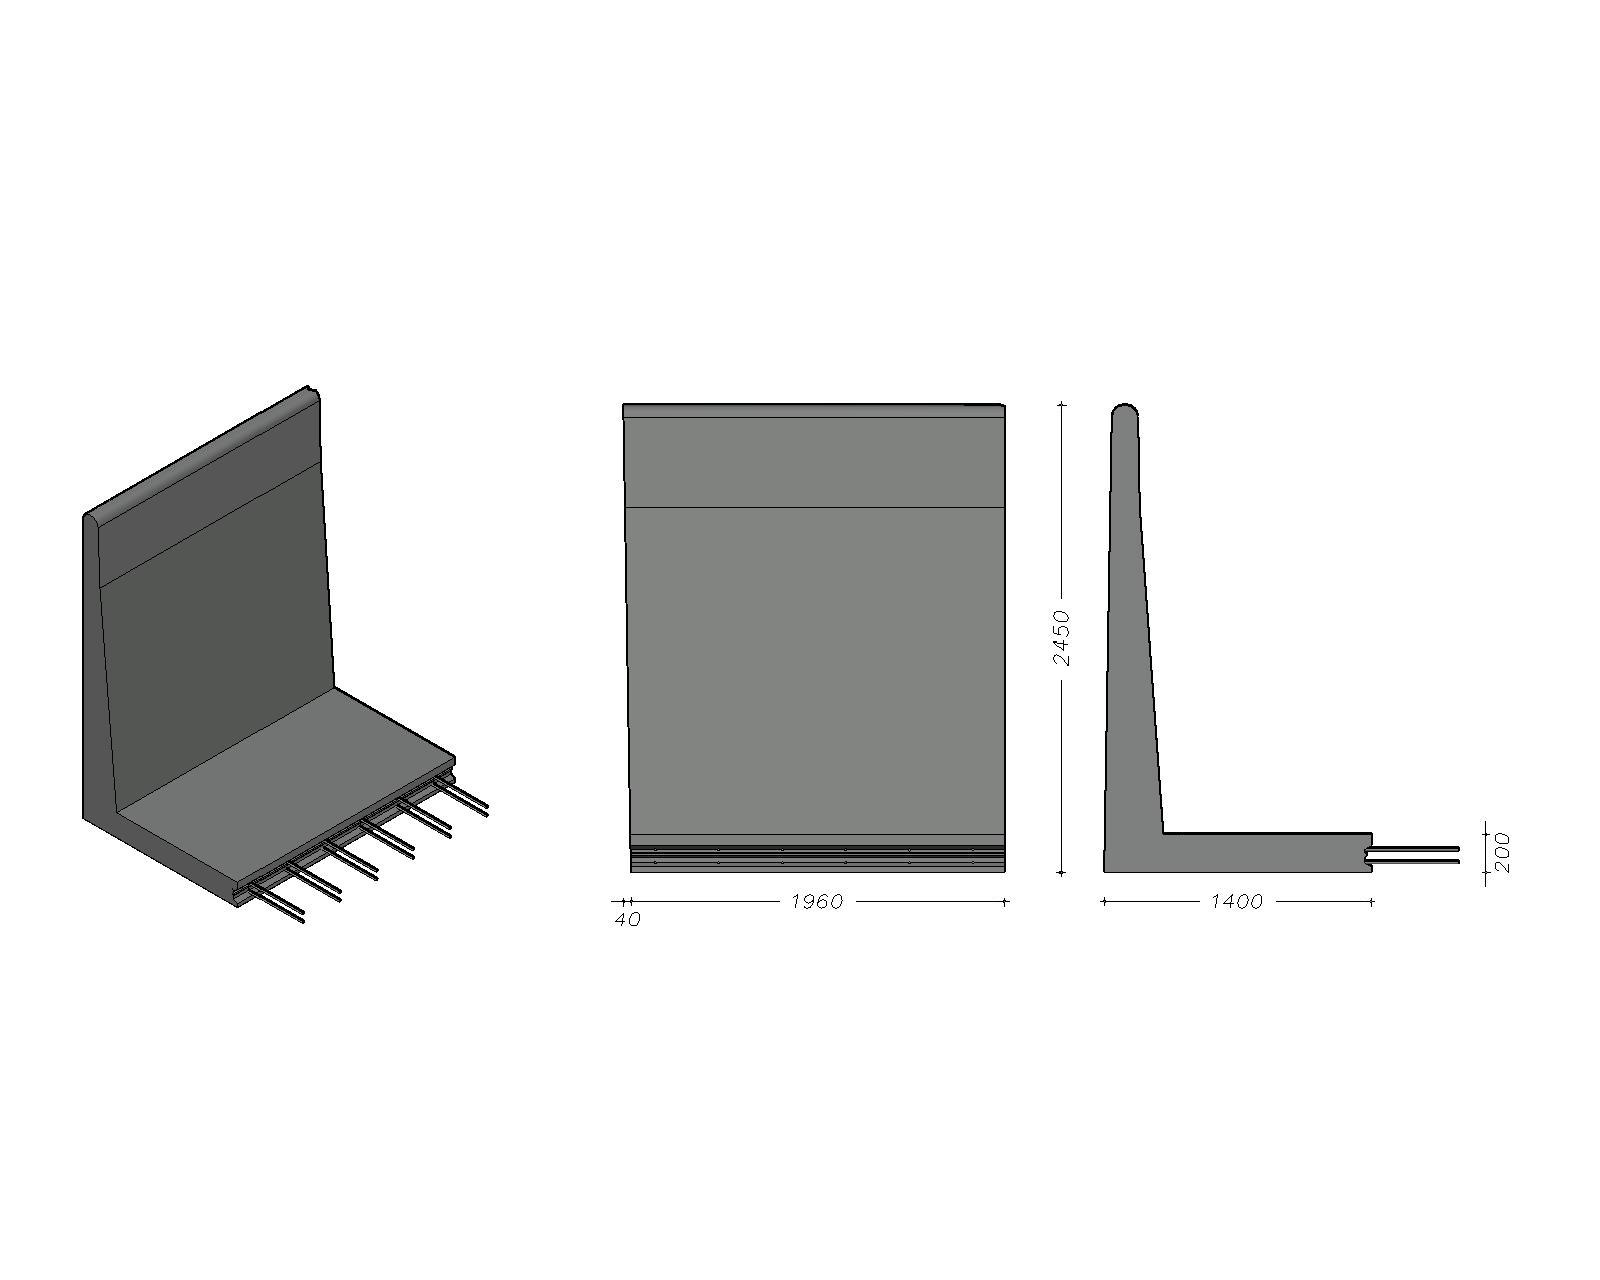 L-245 X 200 - Paselement, venstre - leveres også som højre - tilpasning mod ryg